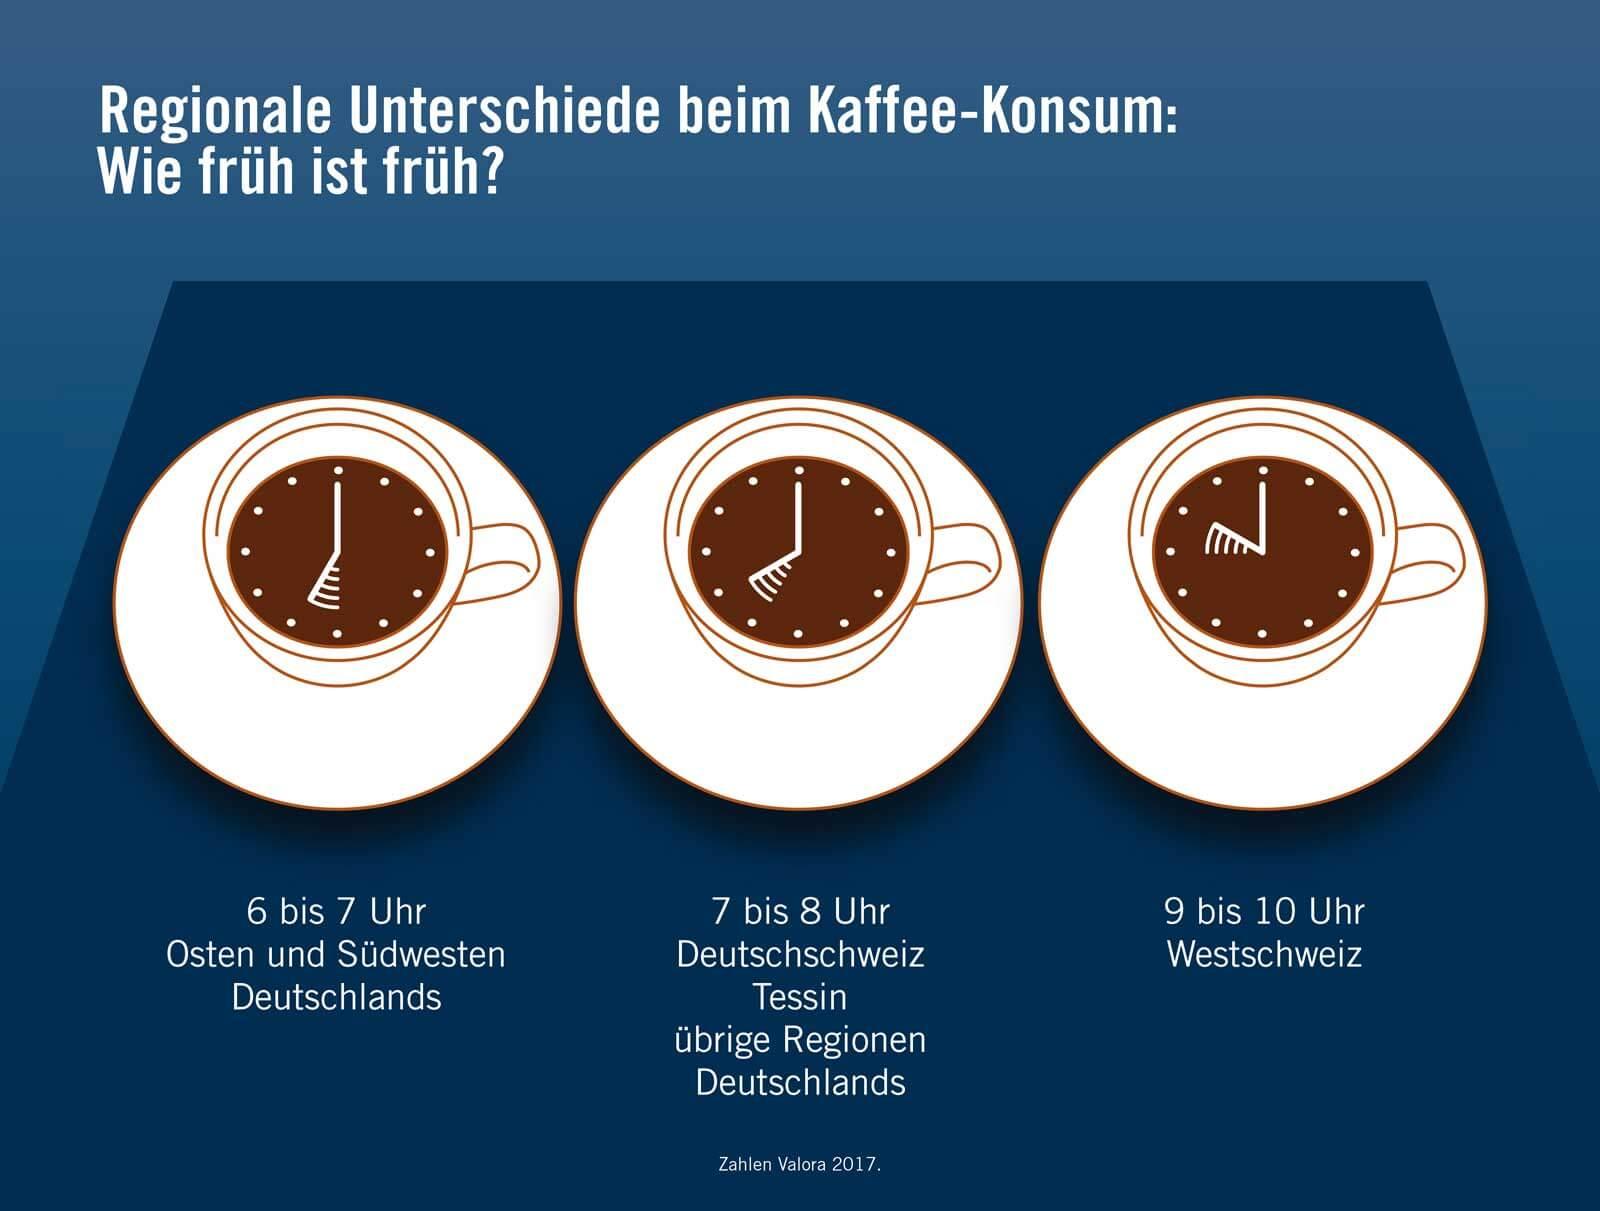 Regionale Unterschiede beim Kaffee-Konsum: Wie früh ist früh?